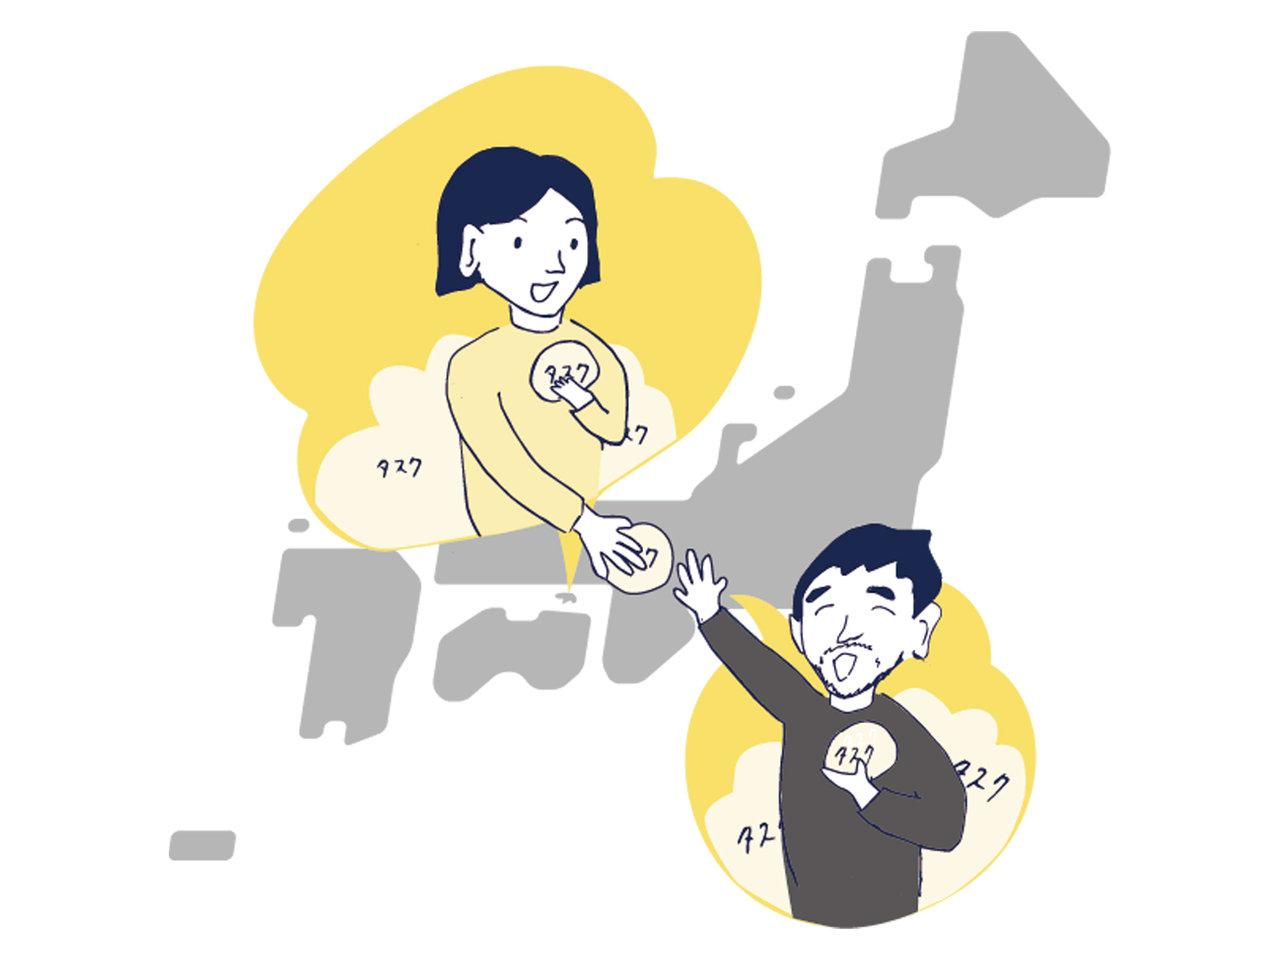 夫婦がチームとして仕事を行えば、移動しやすくなり、仕事の幅も増える。